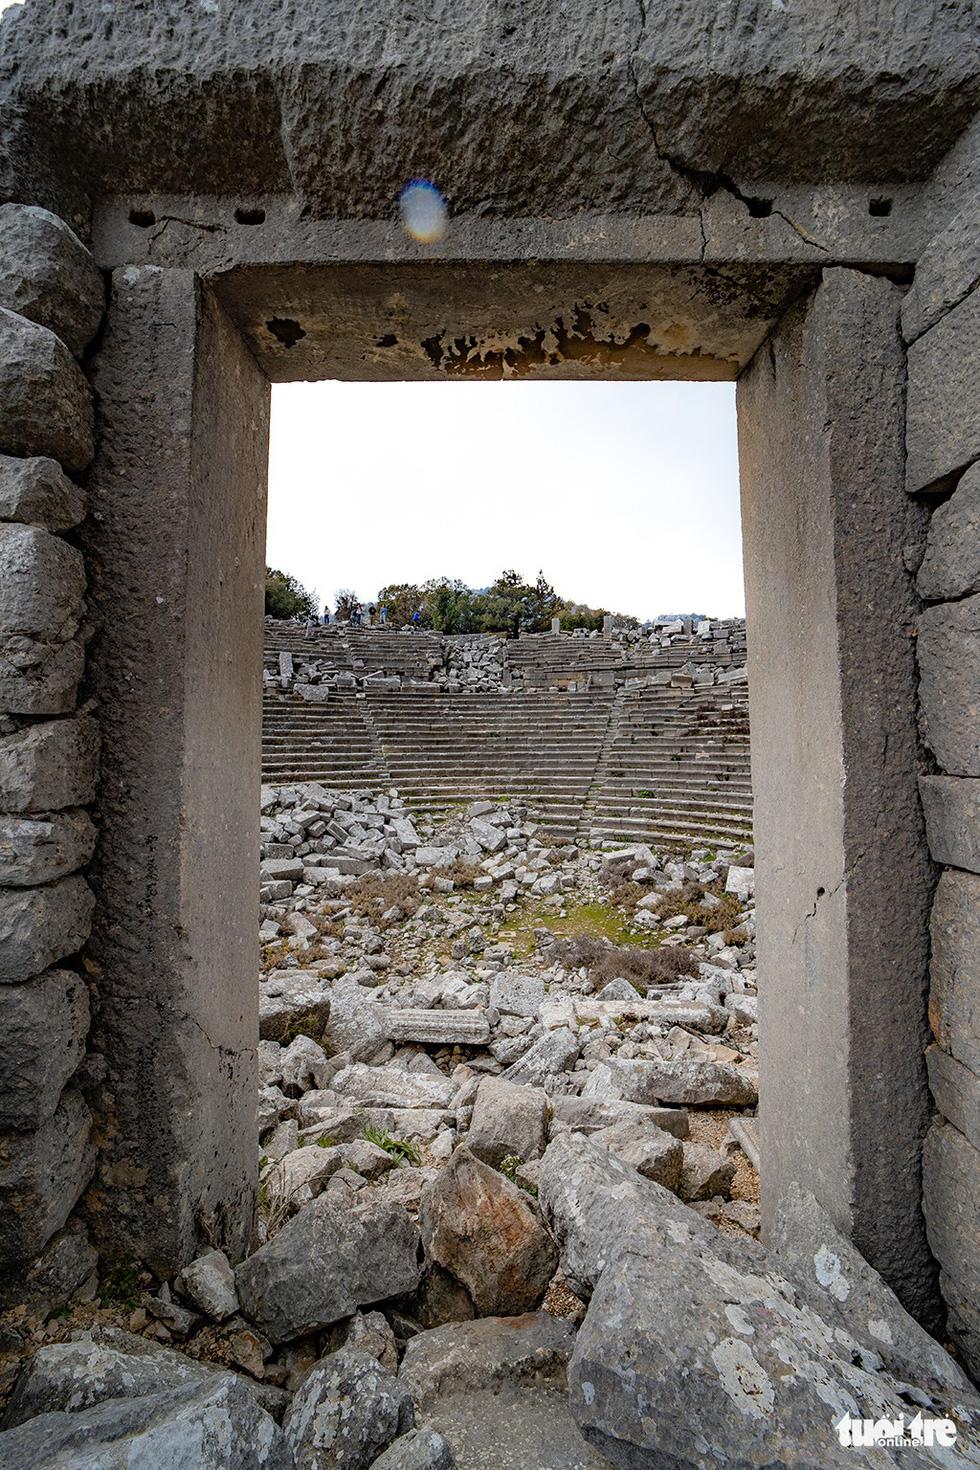 Nghe gió, ngắm mây trên những cổng đá ngàn năm của Termessos - Ảnh 5.